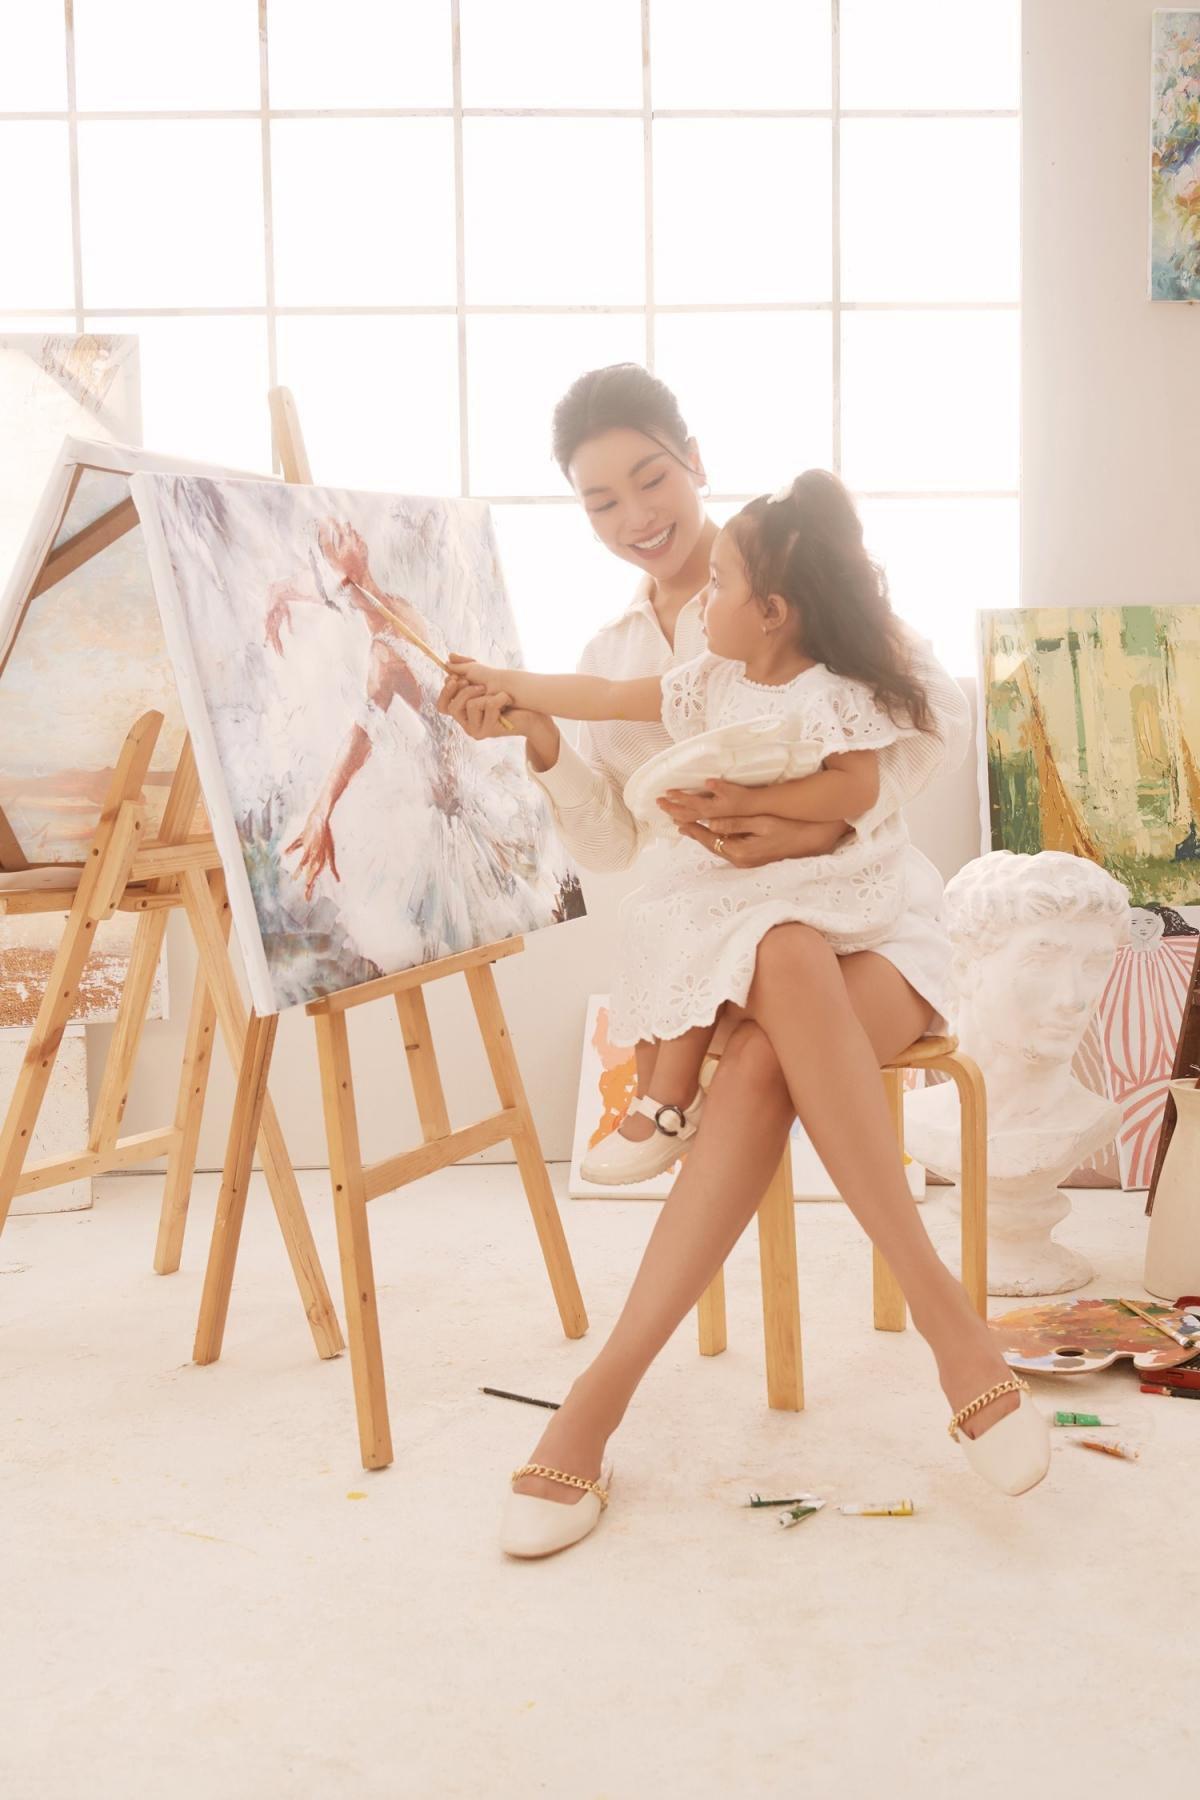 Trà Ngọc Hằng: 'Người lớn hãy vẽ những mảng màu đẹp đẽ cho con' Ảnh 12